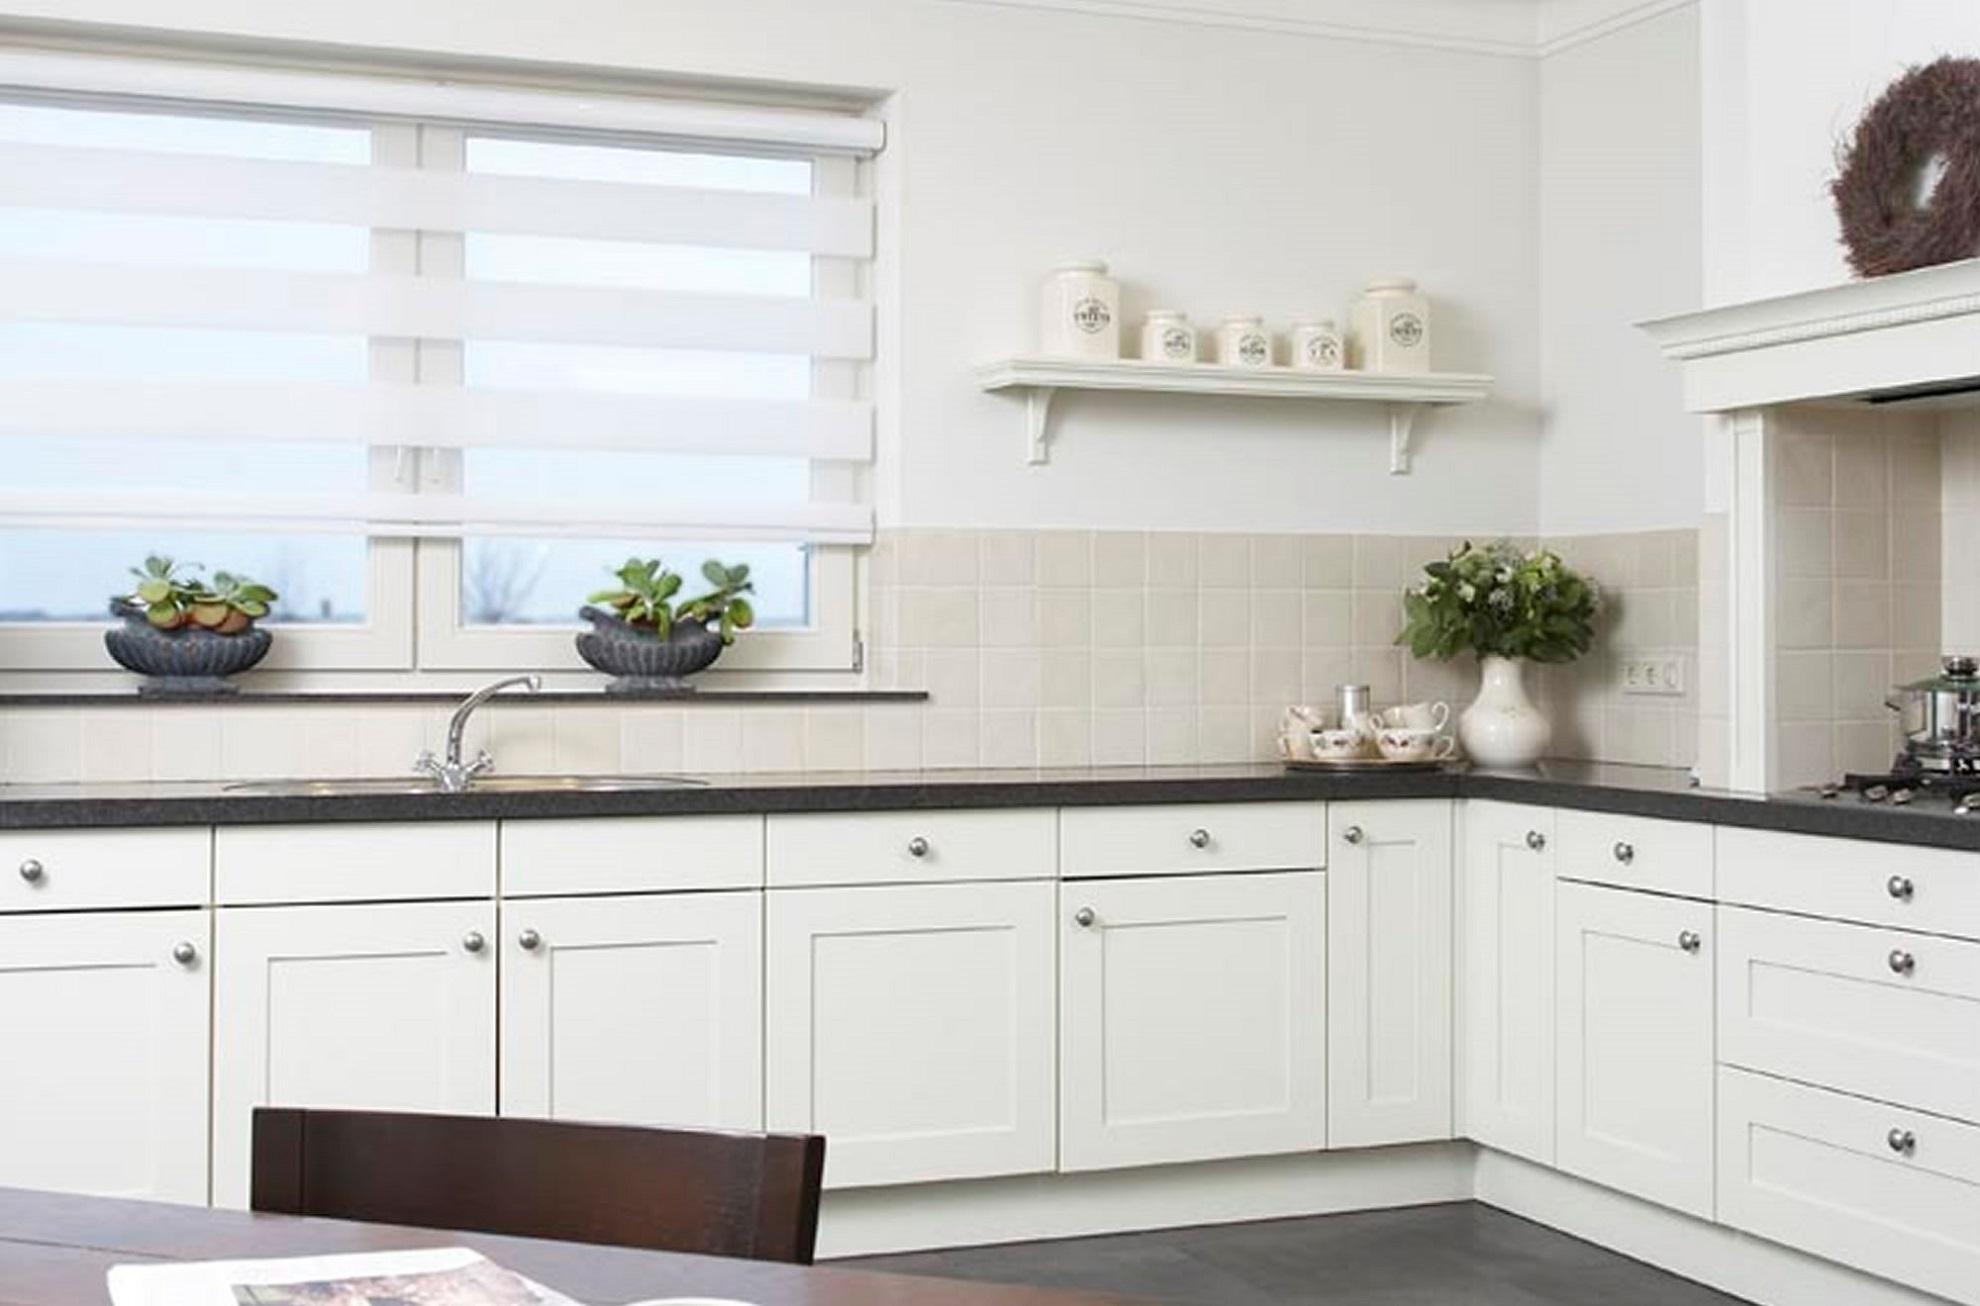 Mutfaklarda düz serisi zebra perde tercihinin en önemli etkeni şüphesiz ki kolay temizlenebilir olmasıdır.